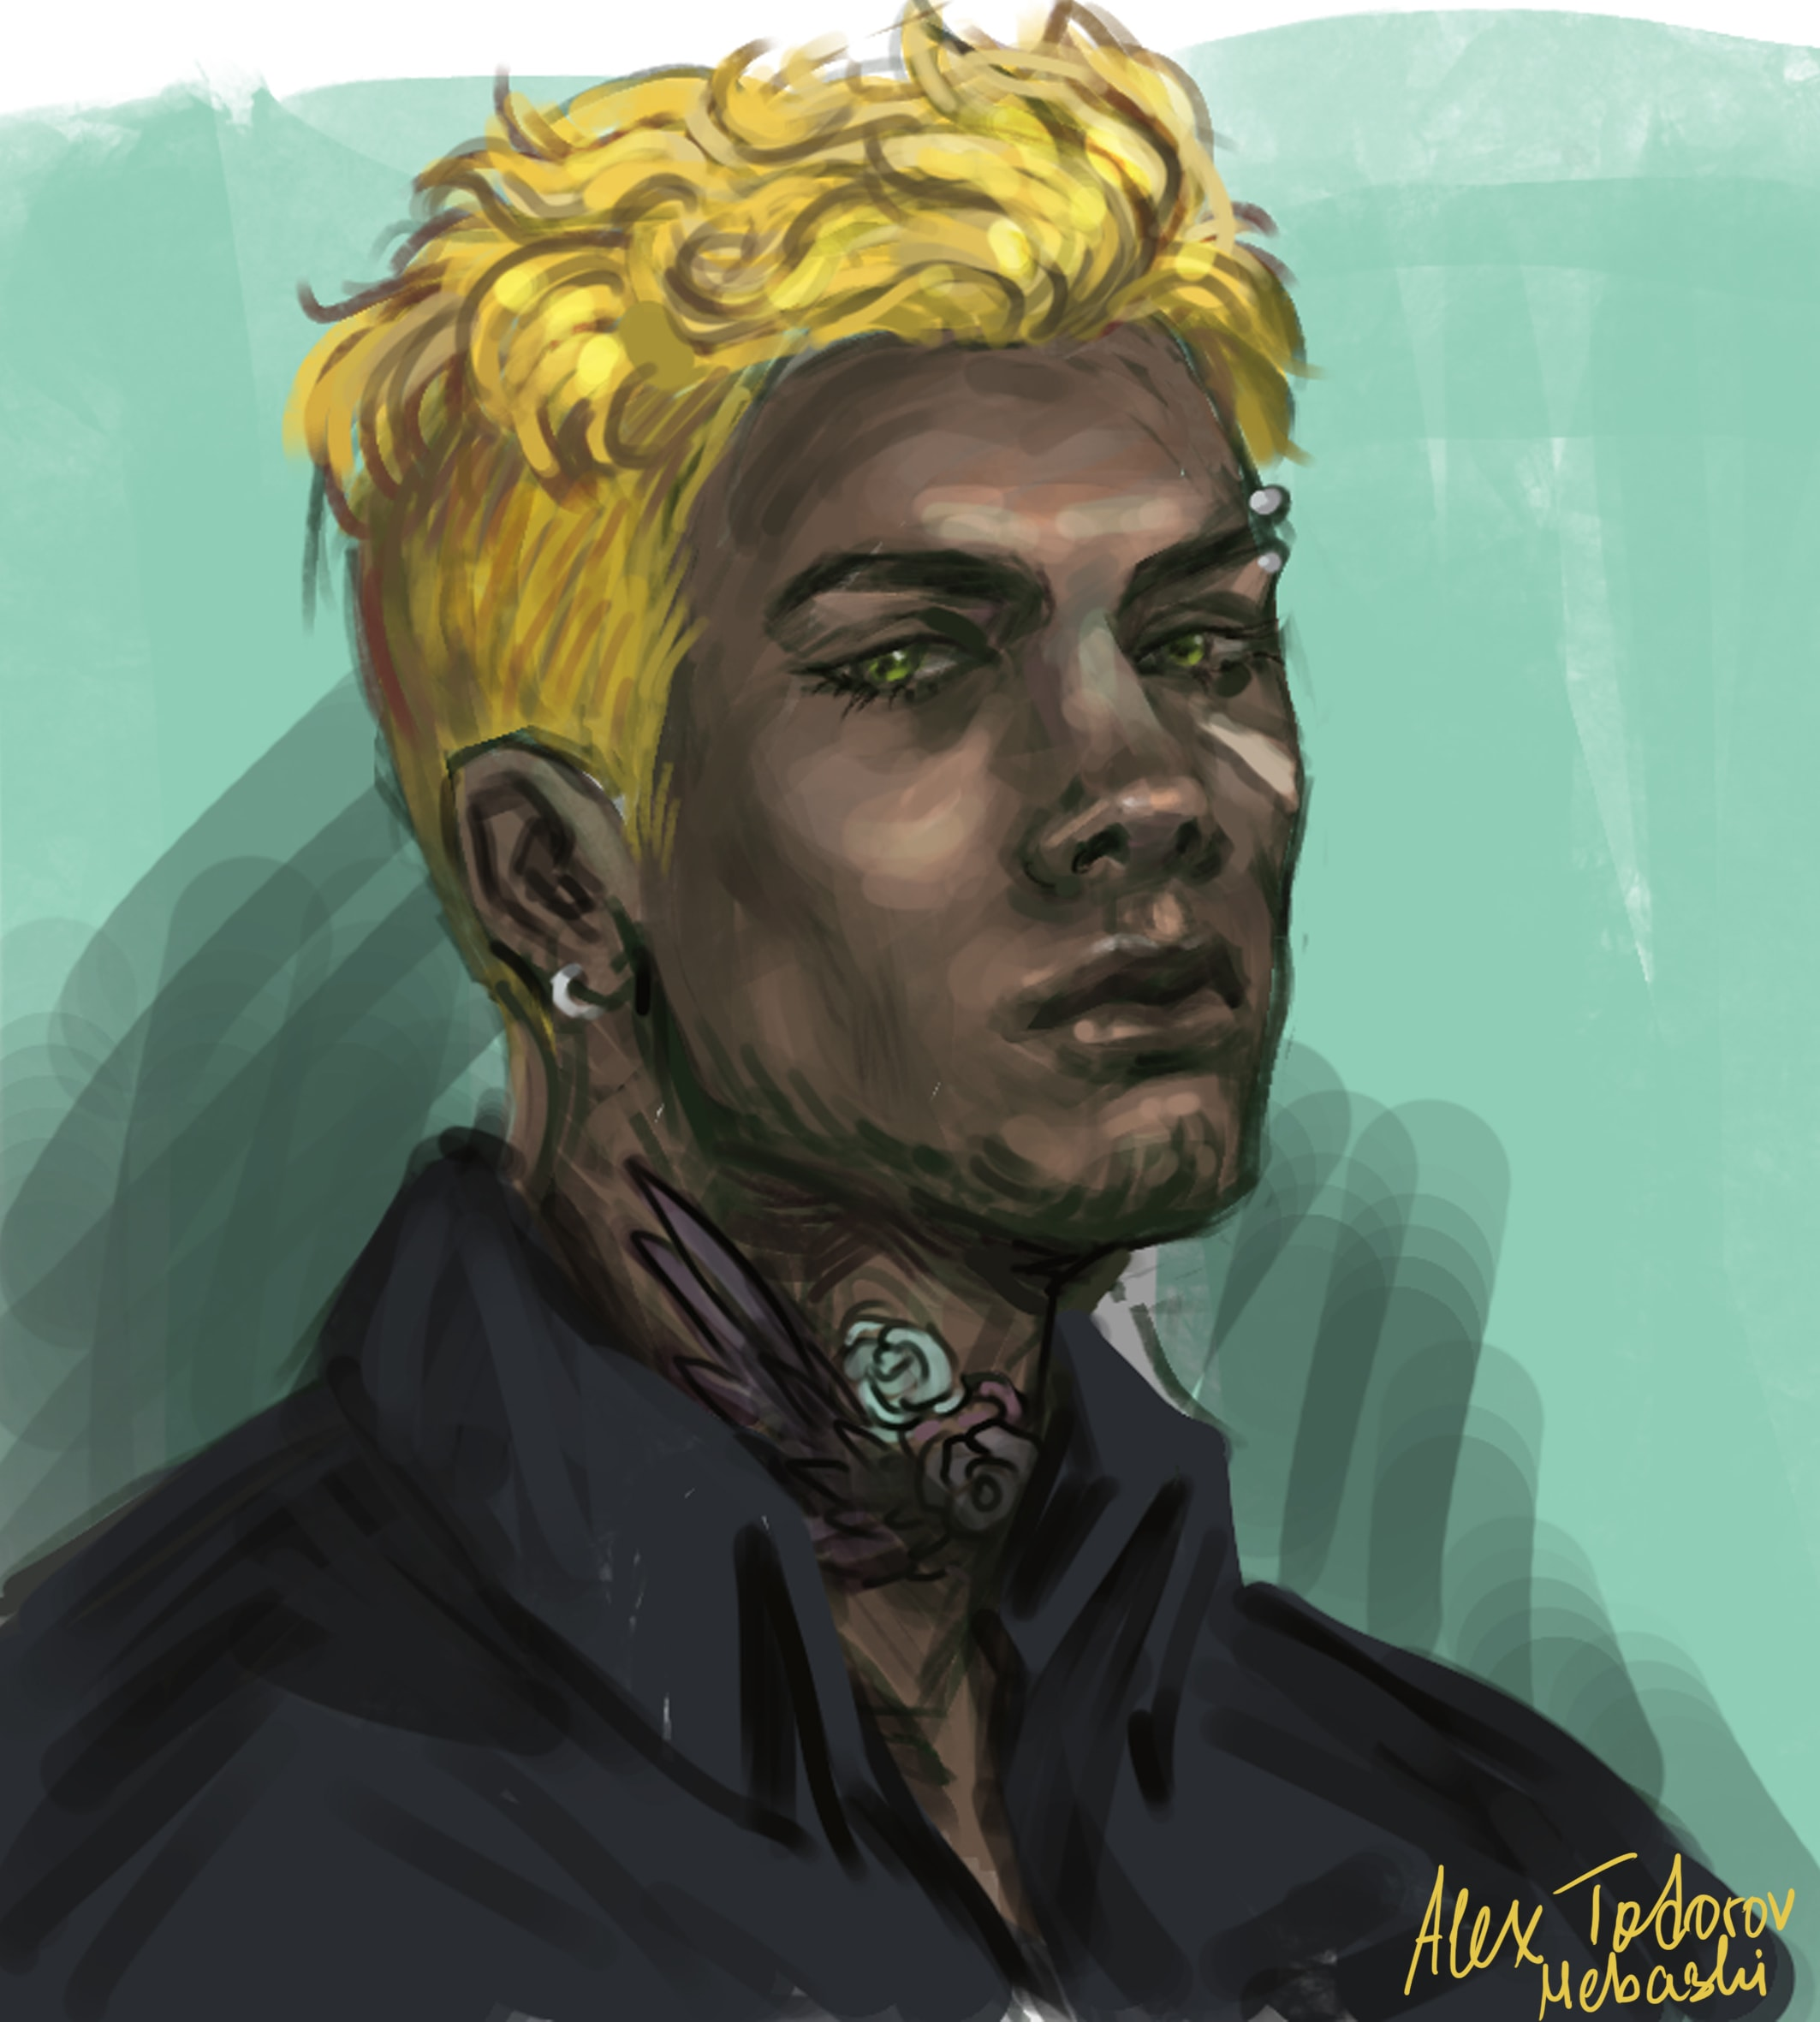 Digital Art Commission; Headshot of Character